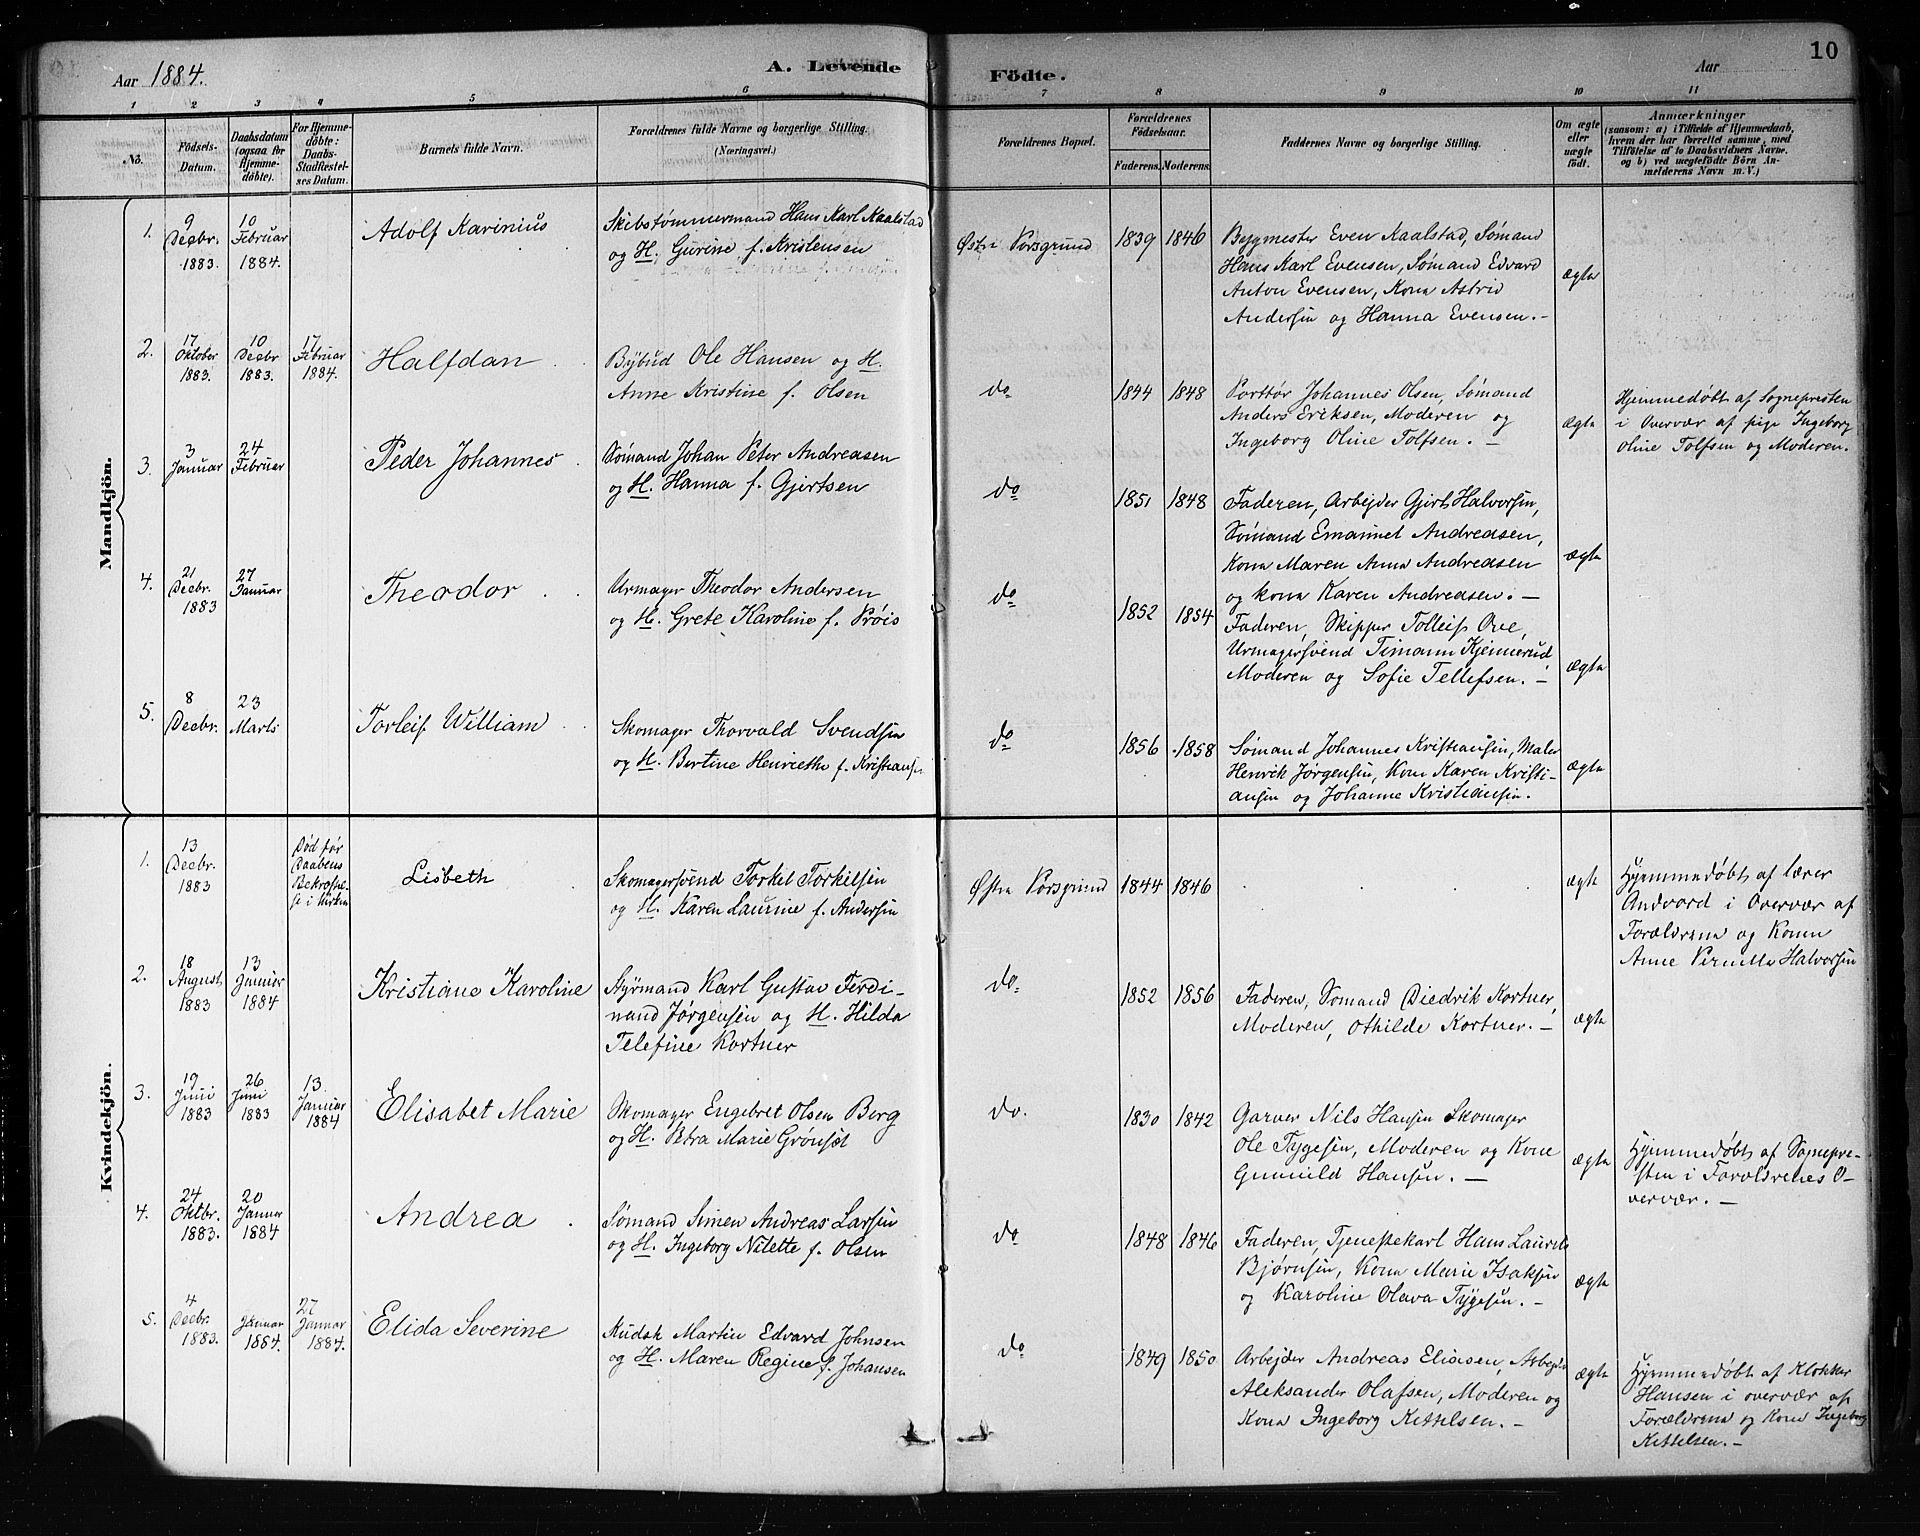 SAKO, Porsgrunn kirkebøker , G/Gb/L0005: Klokkerbok nr. II 5, 1883-1915, s. 10